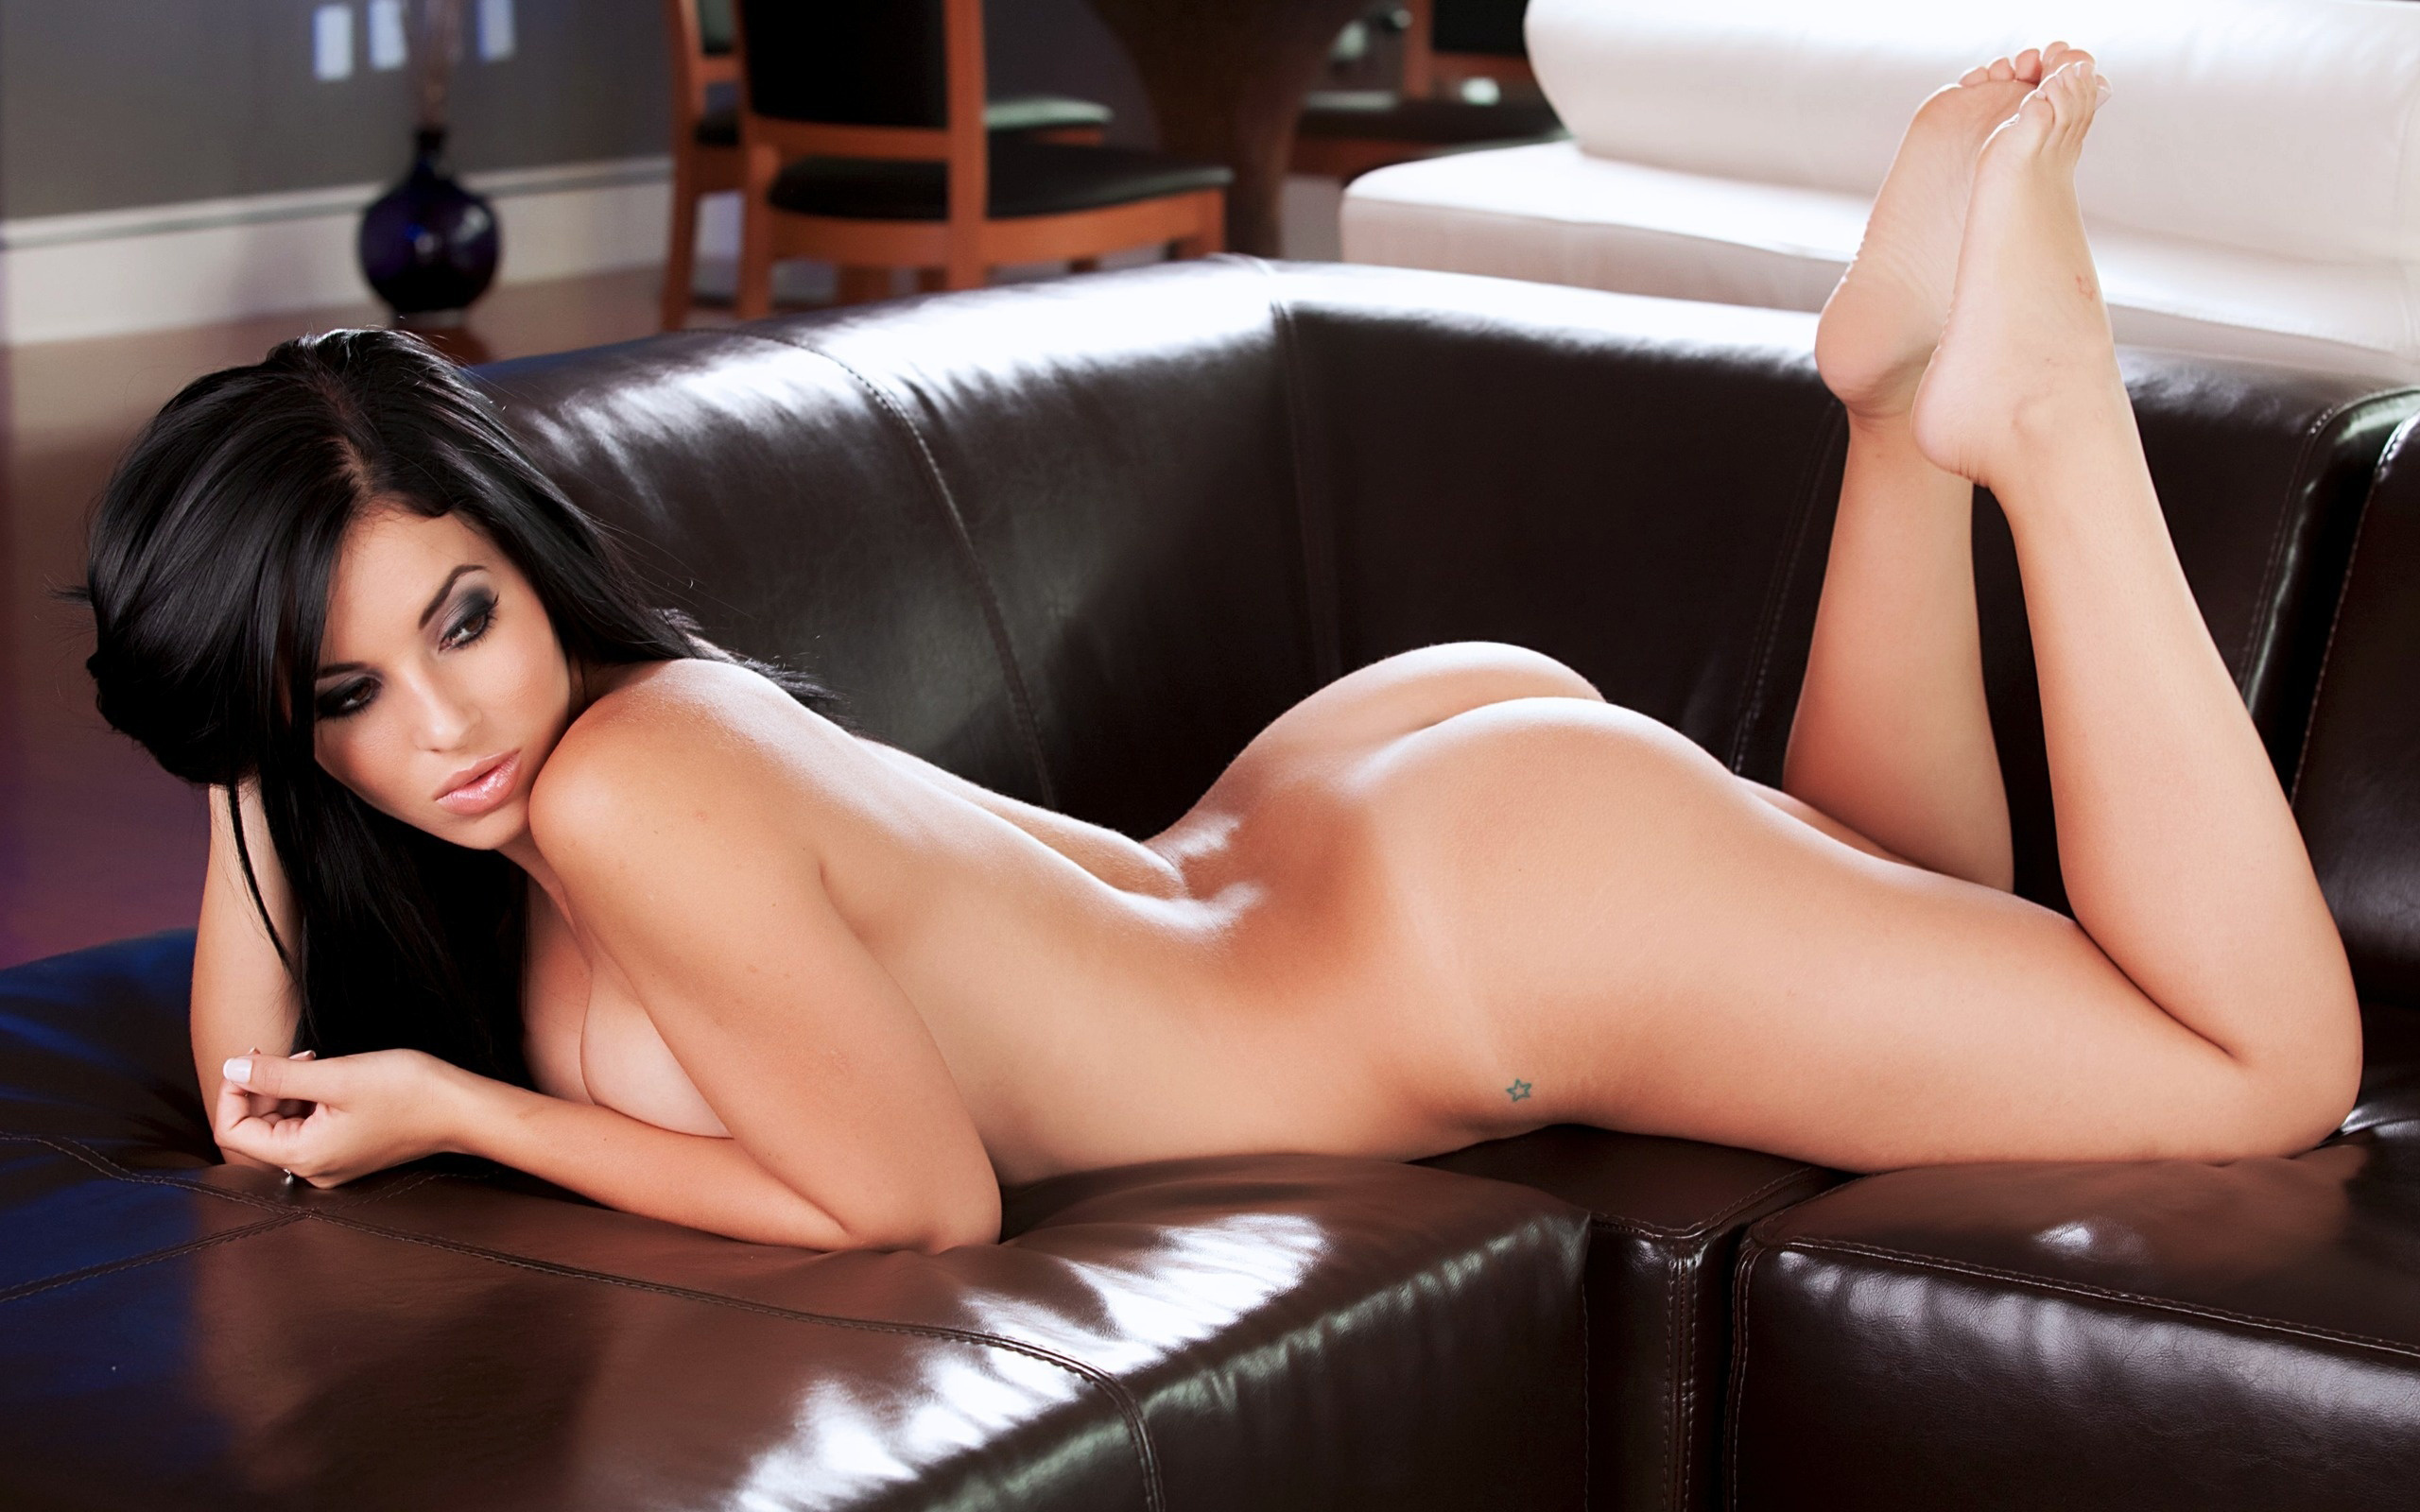 Фотосессия девушек брюнеток голых 22 фотография